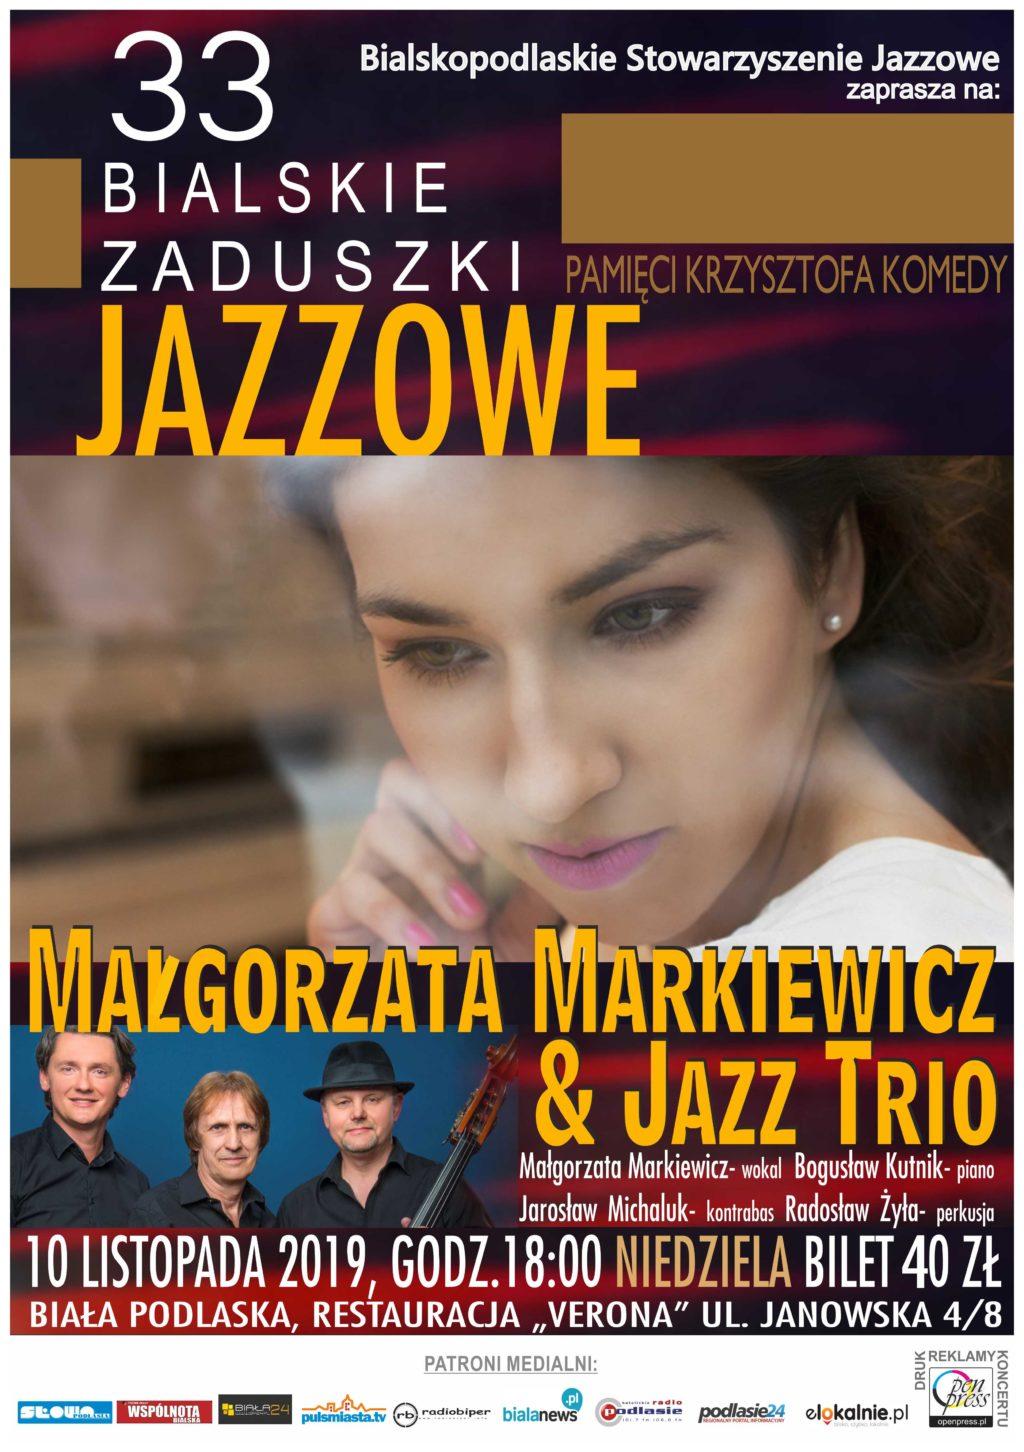 PATRONAT BIAŁANEWS: Podwójne zaproszenia na Bialskie Zaduszki Jazzowe czekają na Ciebie